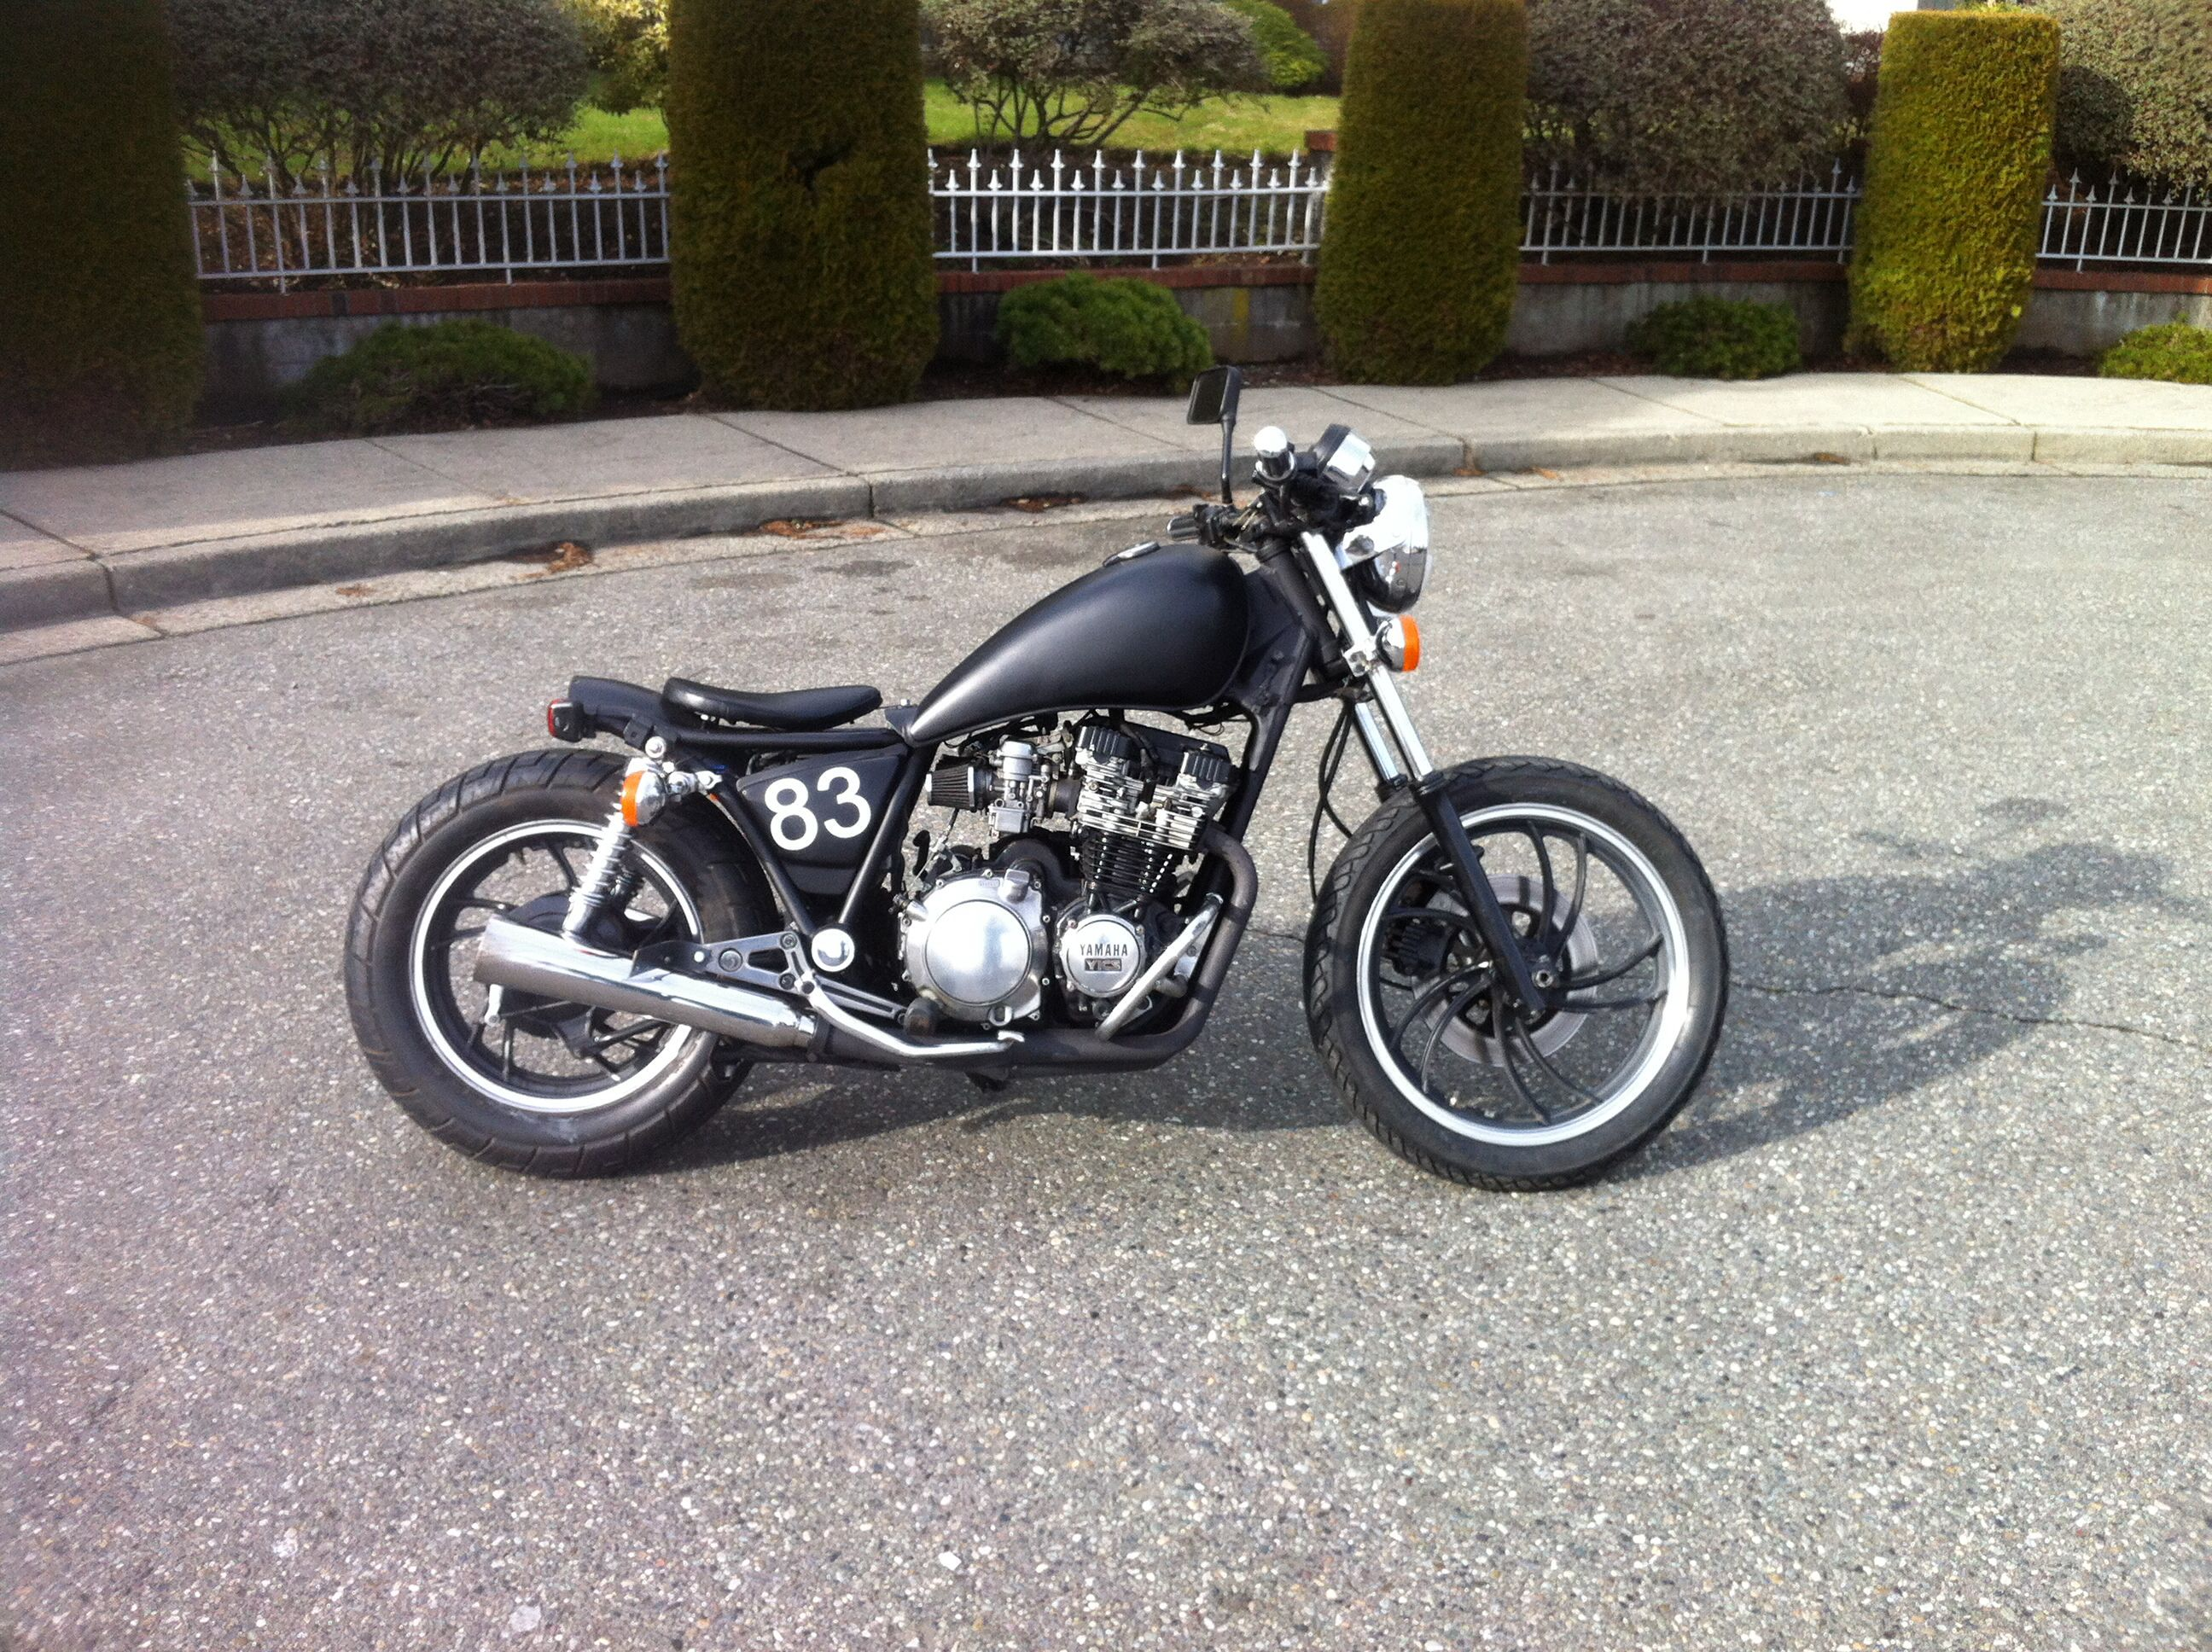 82 yamaha maxim 750 bobber motorjdi co